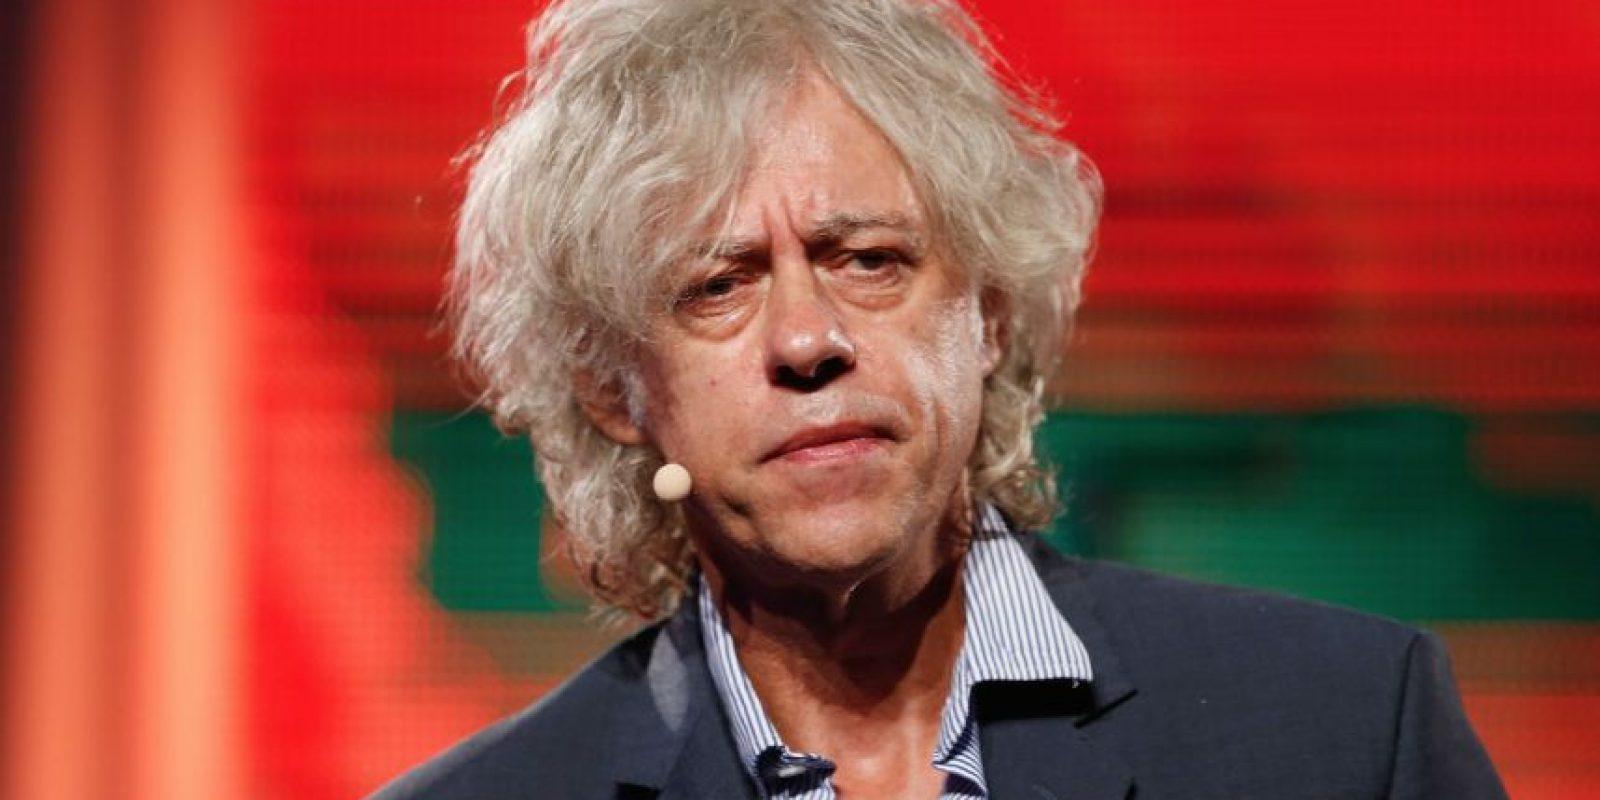 El cantante recibió el 28% de los votos como una influencia positiva y el 13% como una negativa. Foto:Getty Images